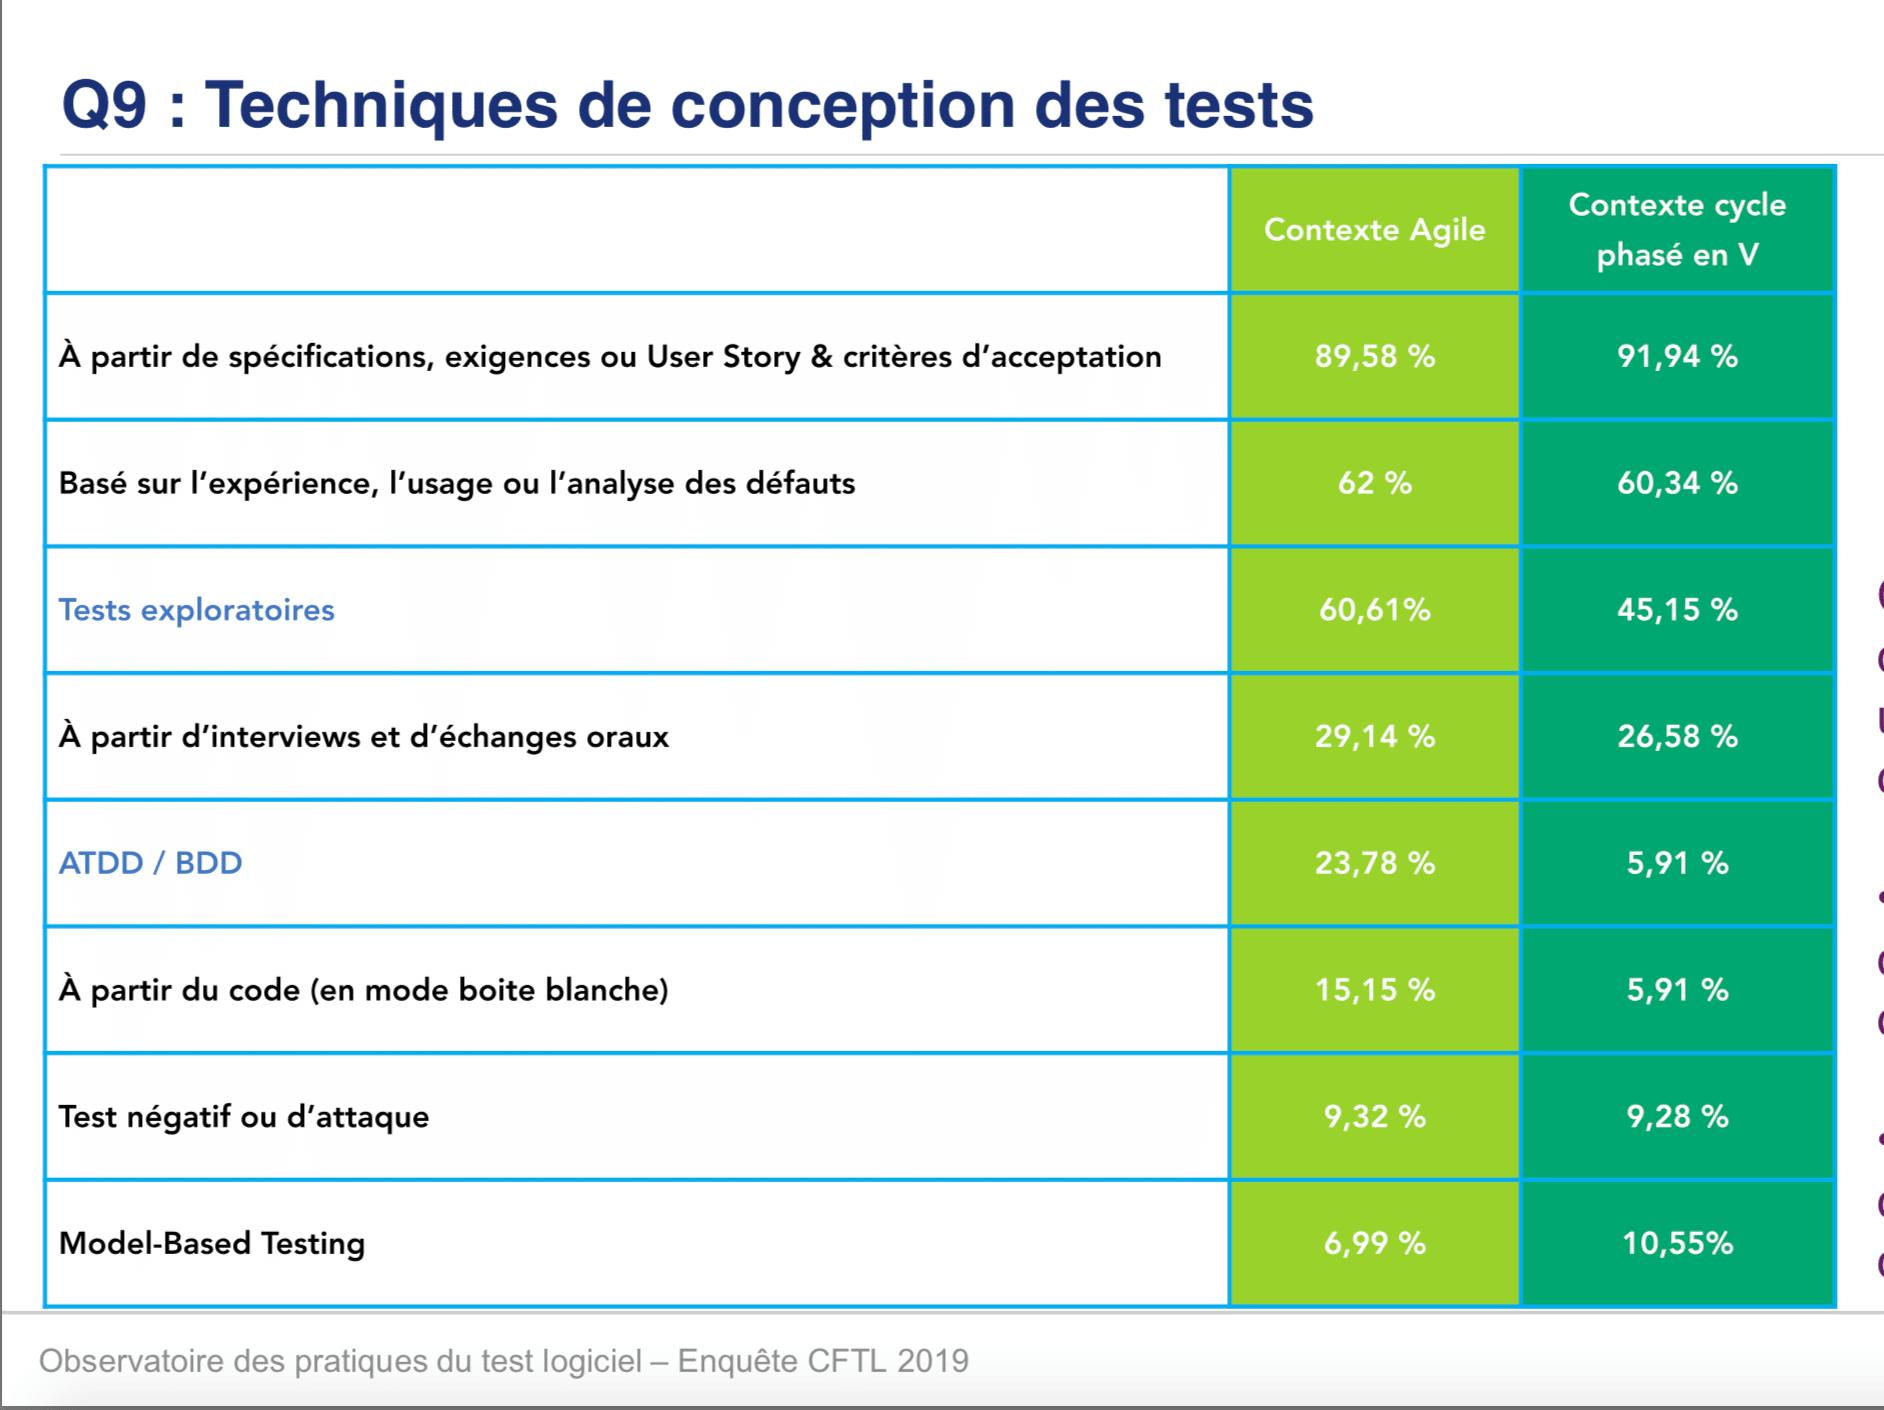 Visuel sur les techniques de conception des tests